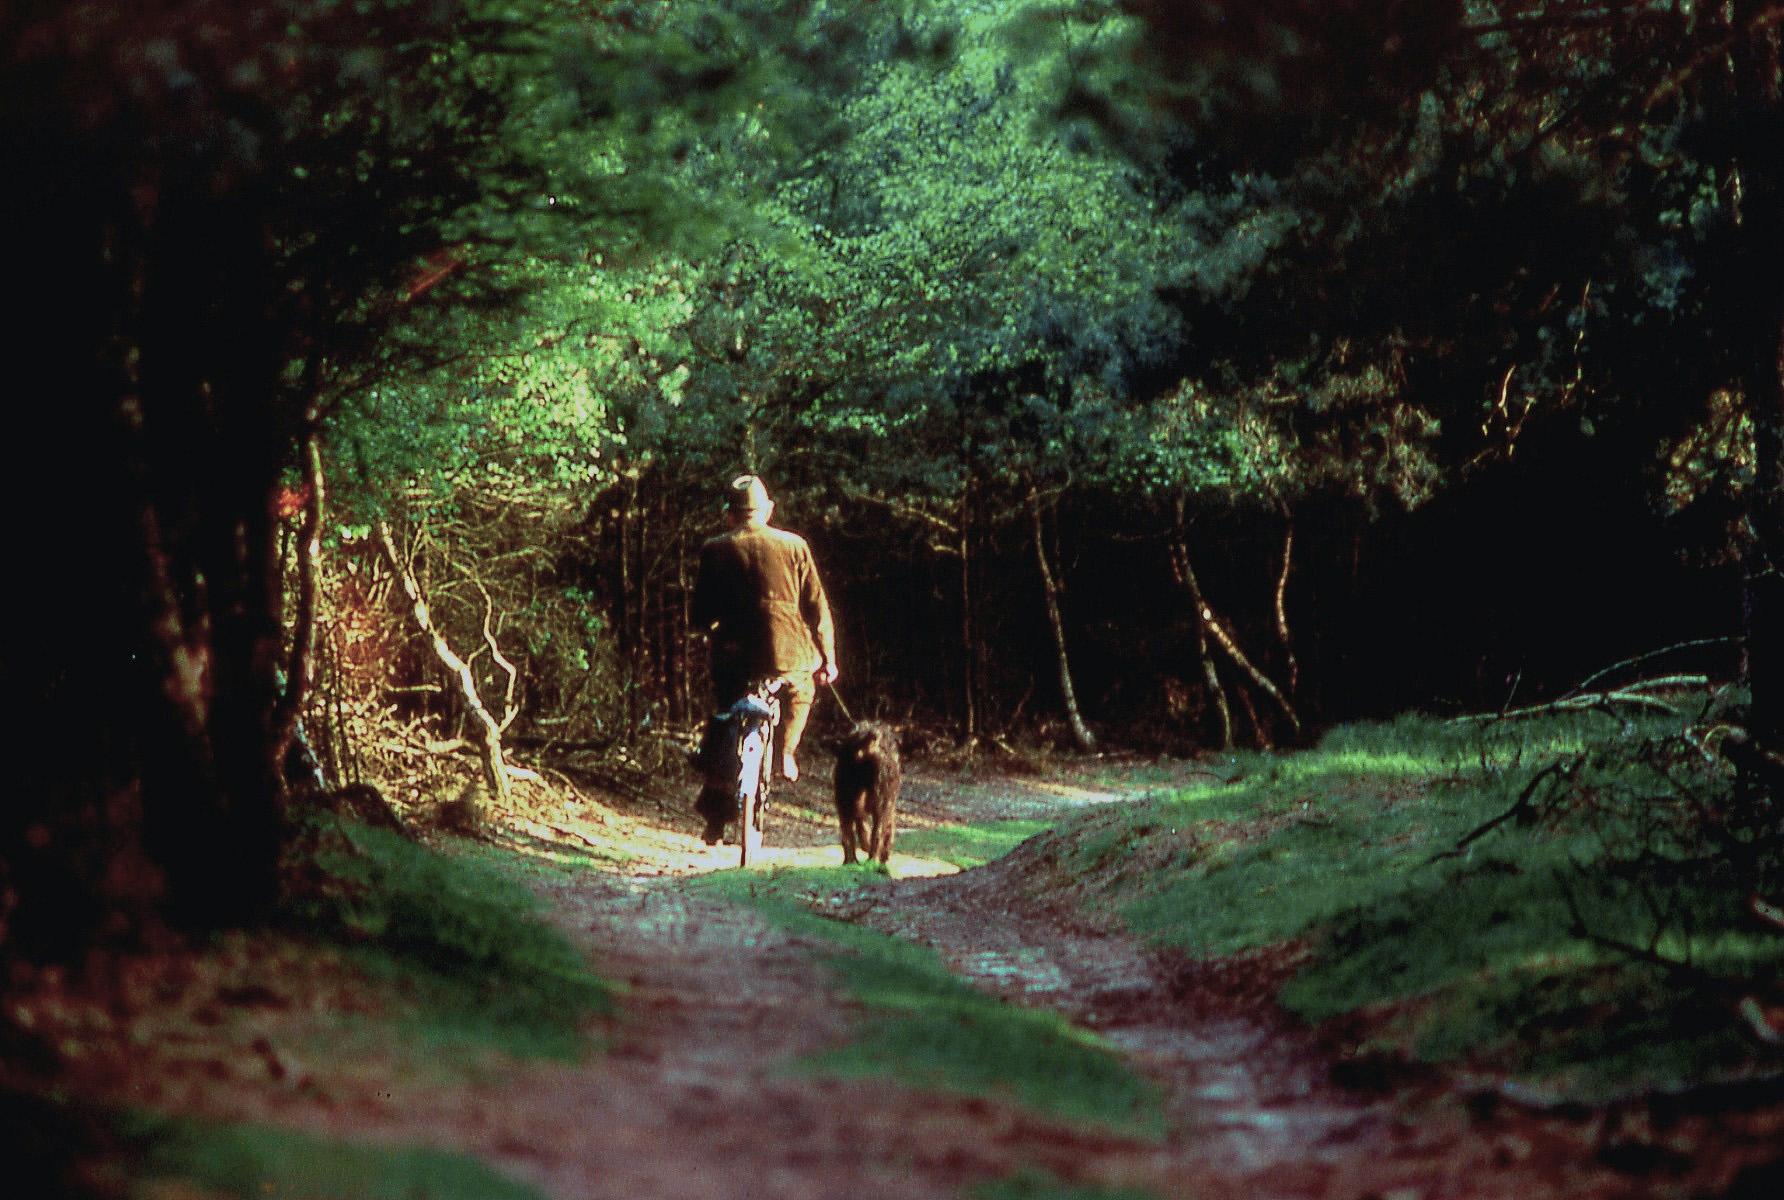 De boswachter vroeger - Foto: ©Martien Haffmans(†)